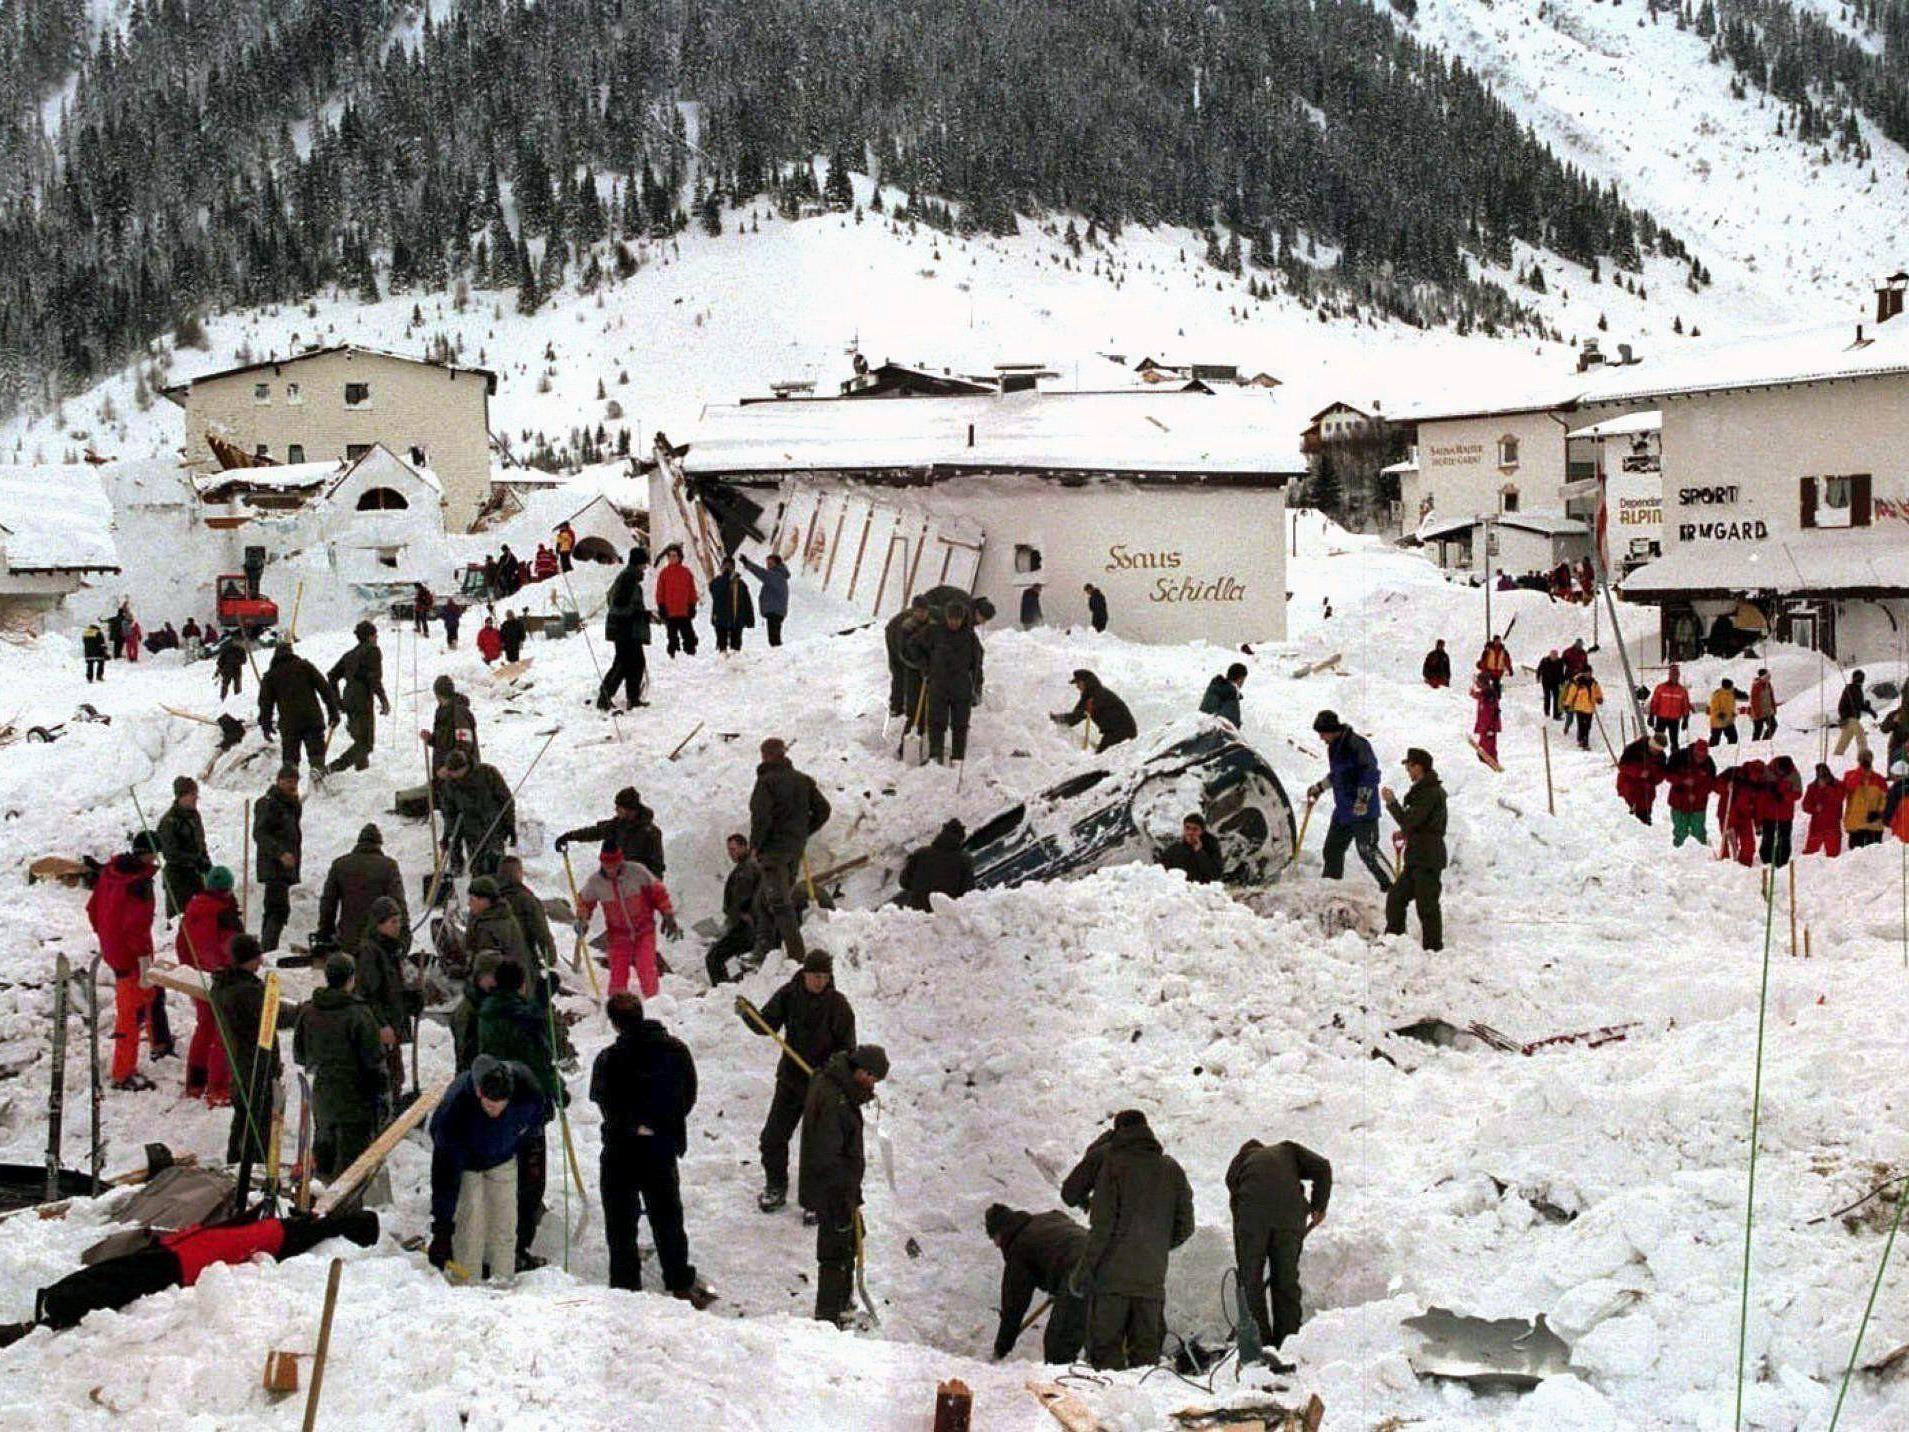 Am 23. Februar 1999 wurde Galtür von einer Lawine heimgesucht, die 31 Menschenleben forderte.